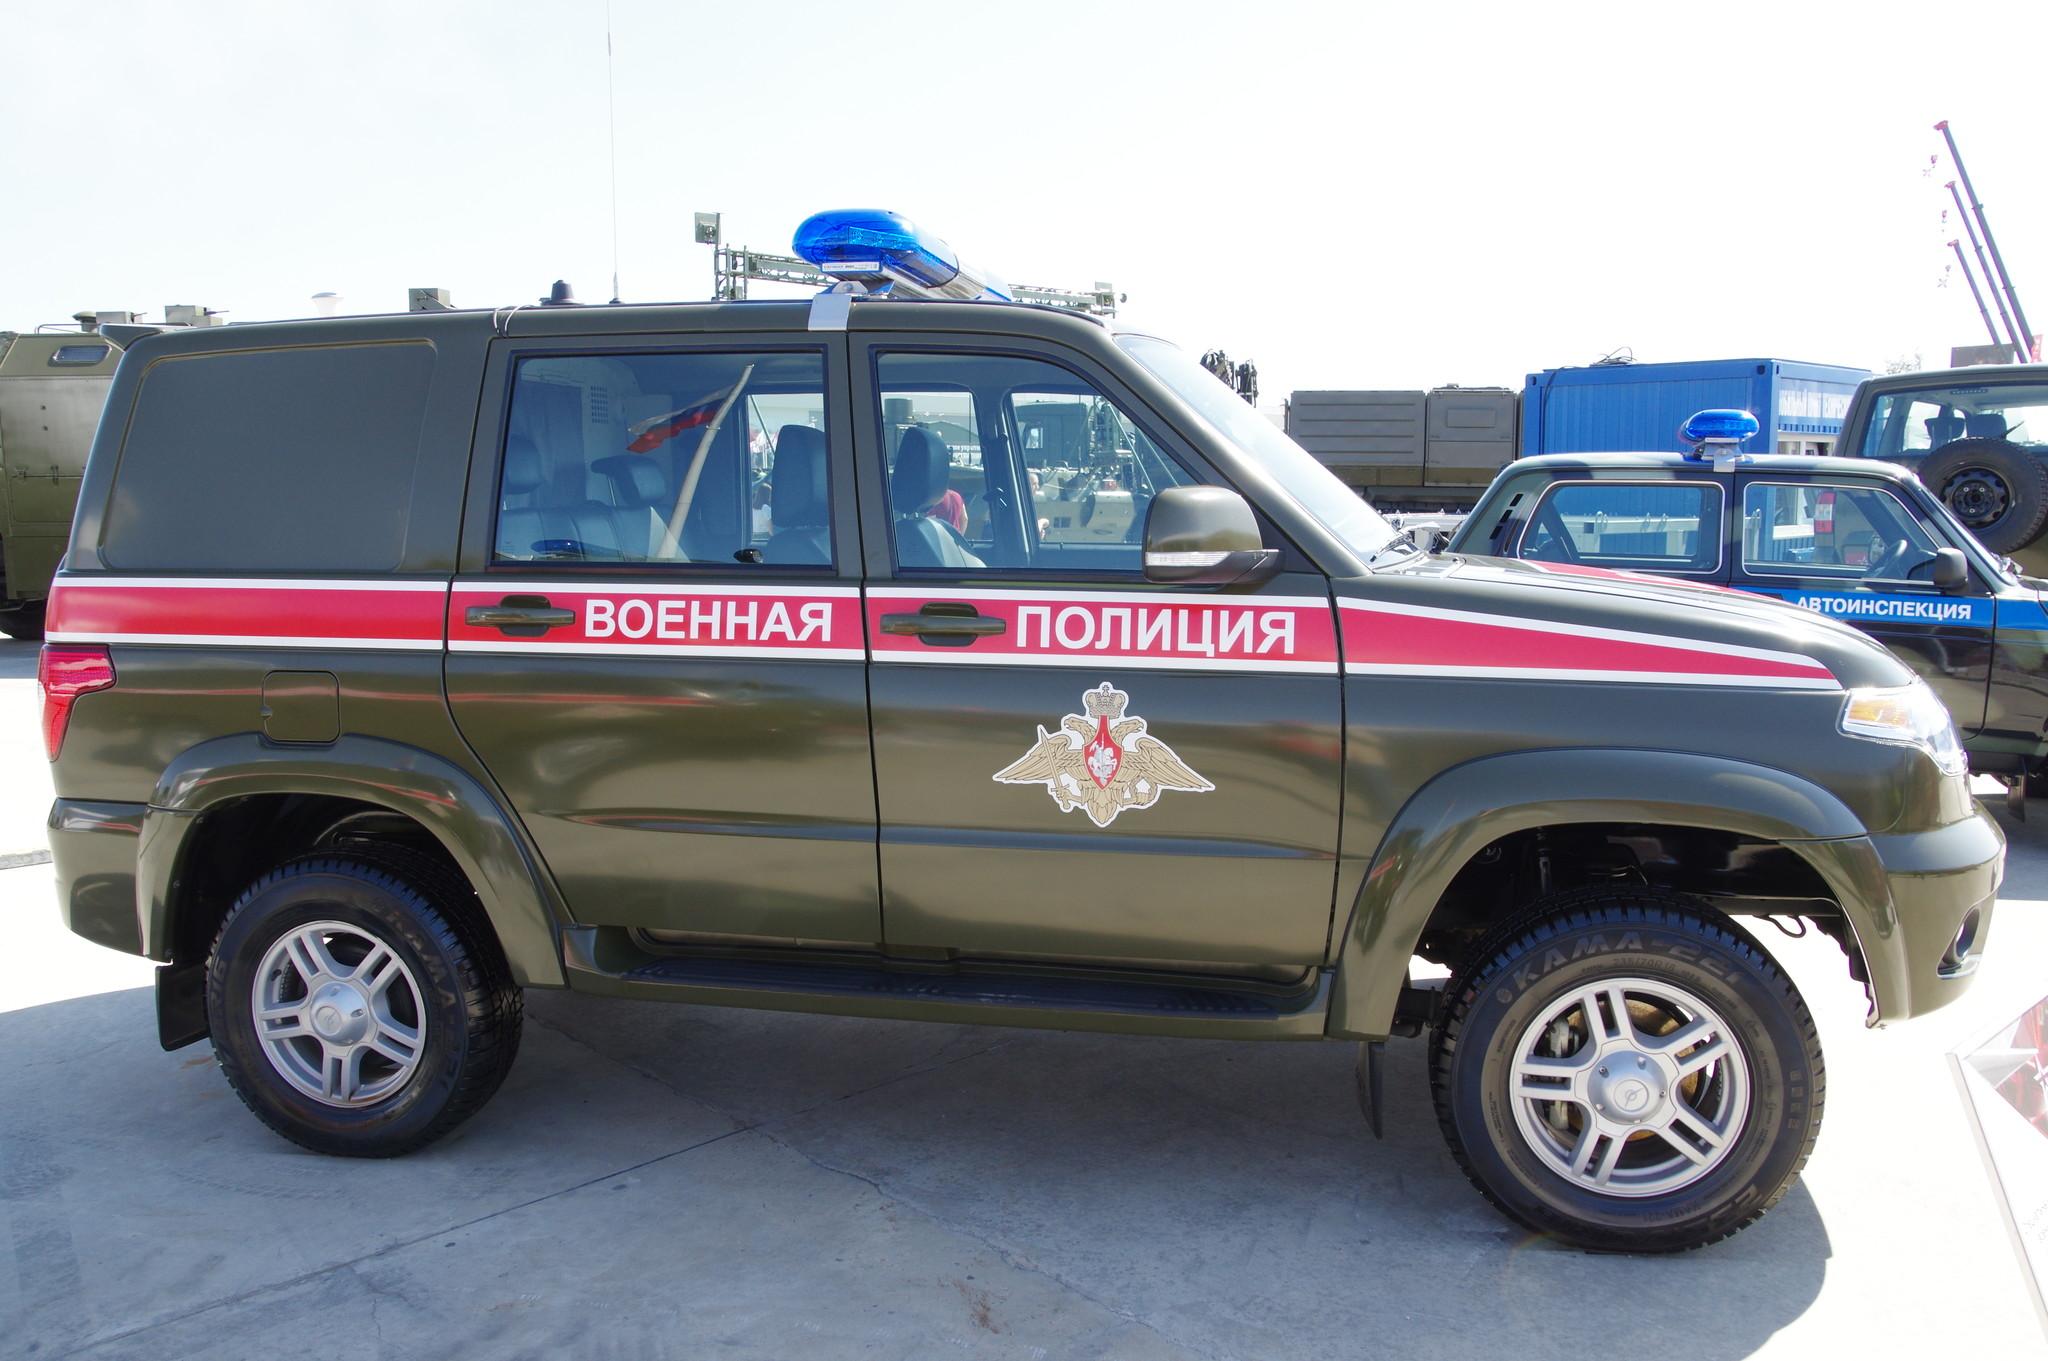 Специальный автомобиль военной полиции УАЗ-3163-103-62